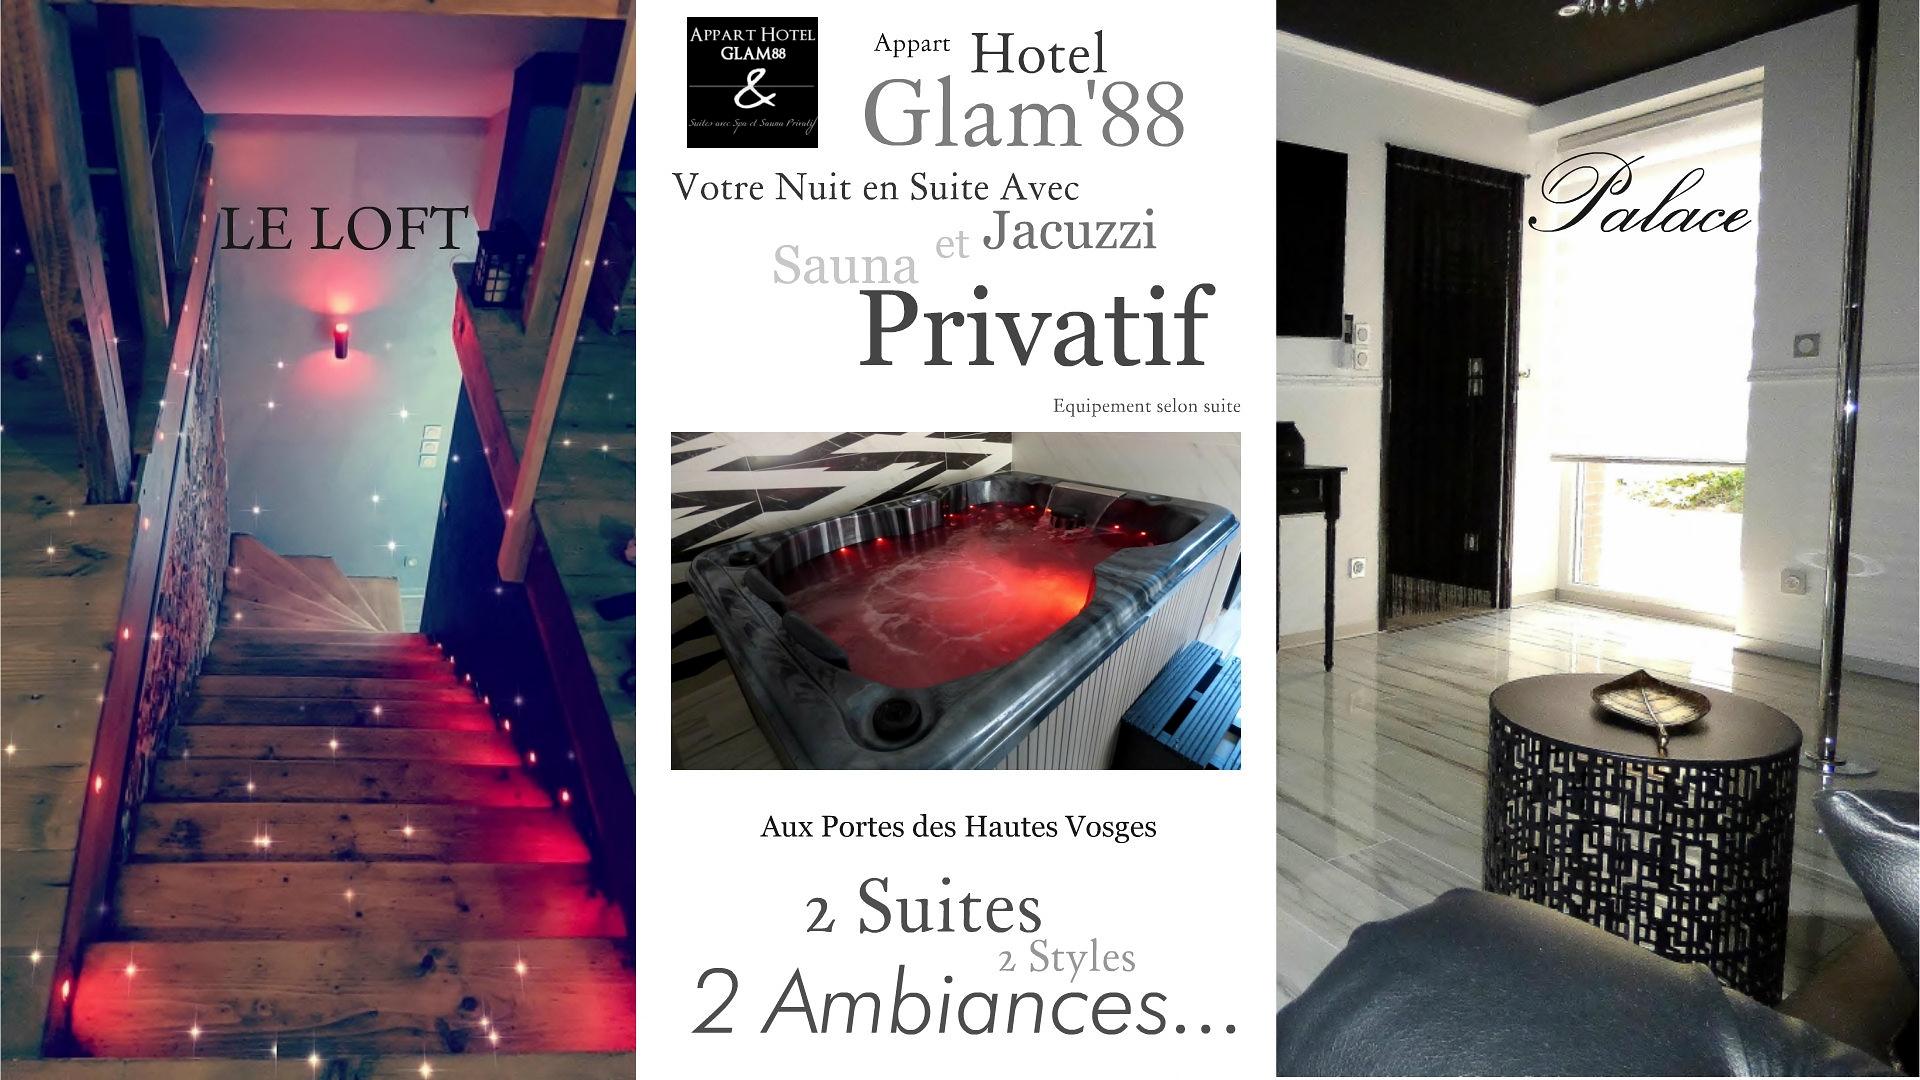 Appart Hotel GLAM88 Vosges Meublé de tourisme 5 etoiles vosges